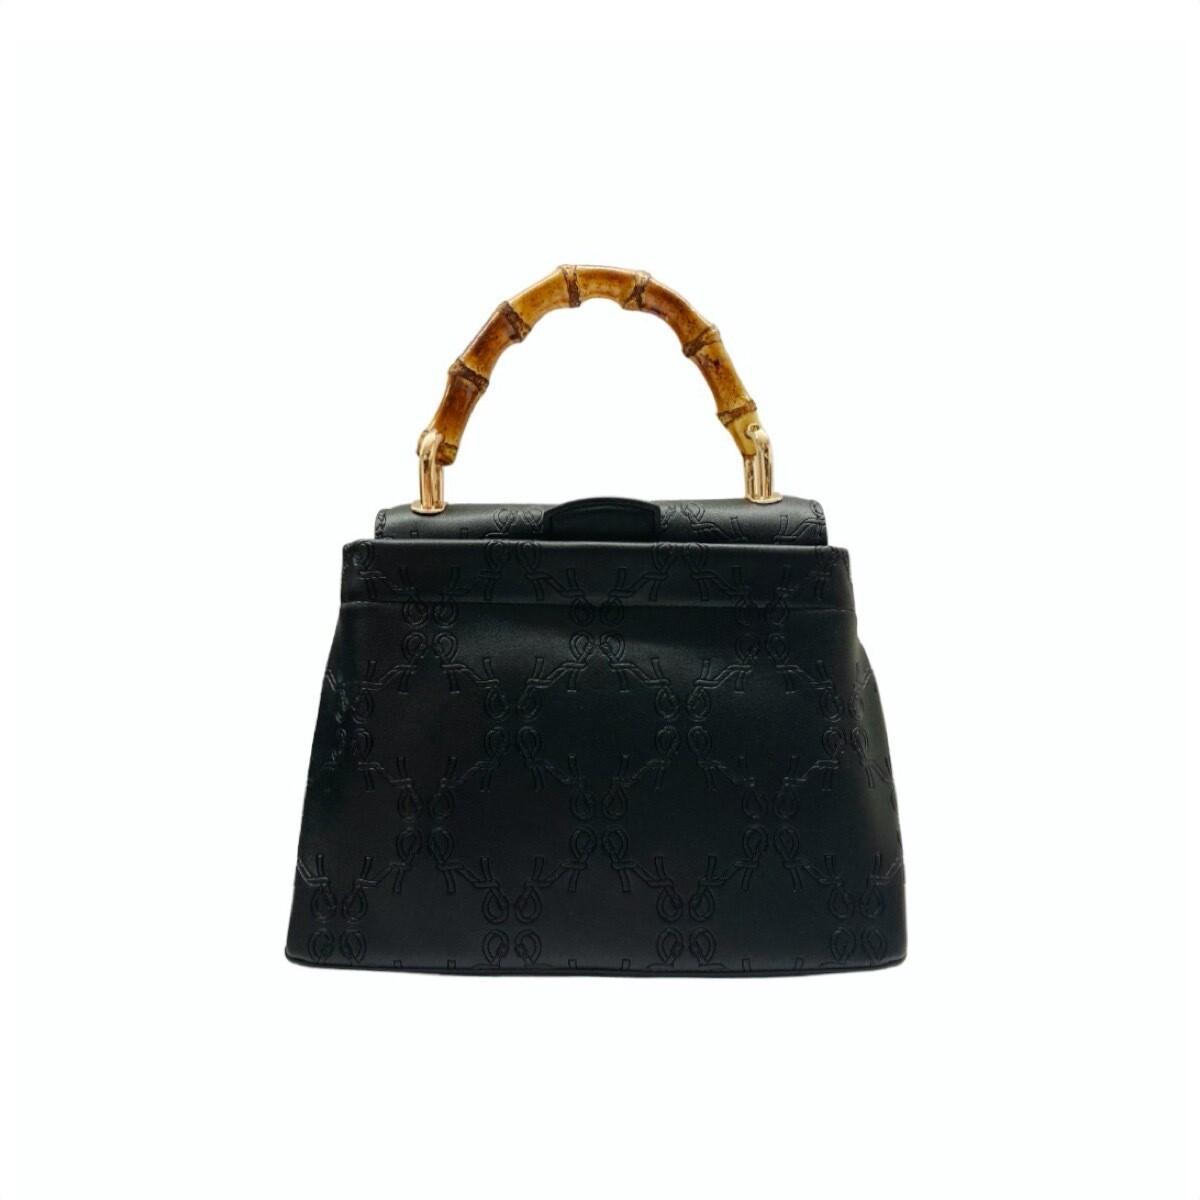 ROBERTA DI CAMERINO - Bamboo Handbag S con tracolla - Black